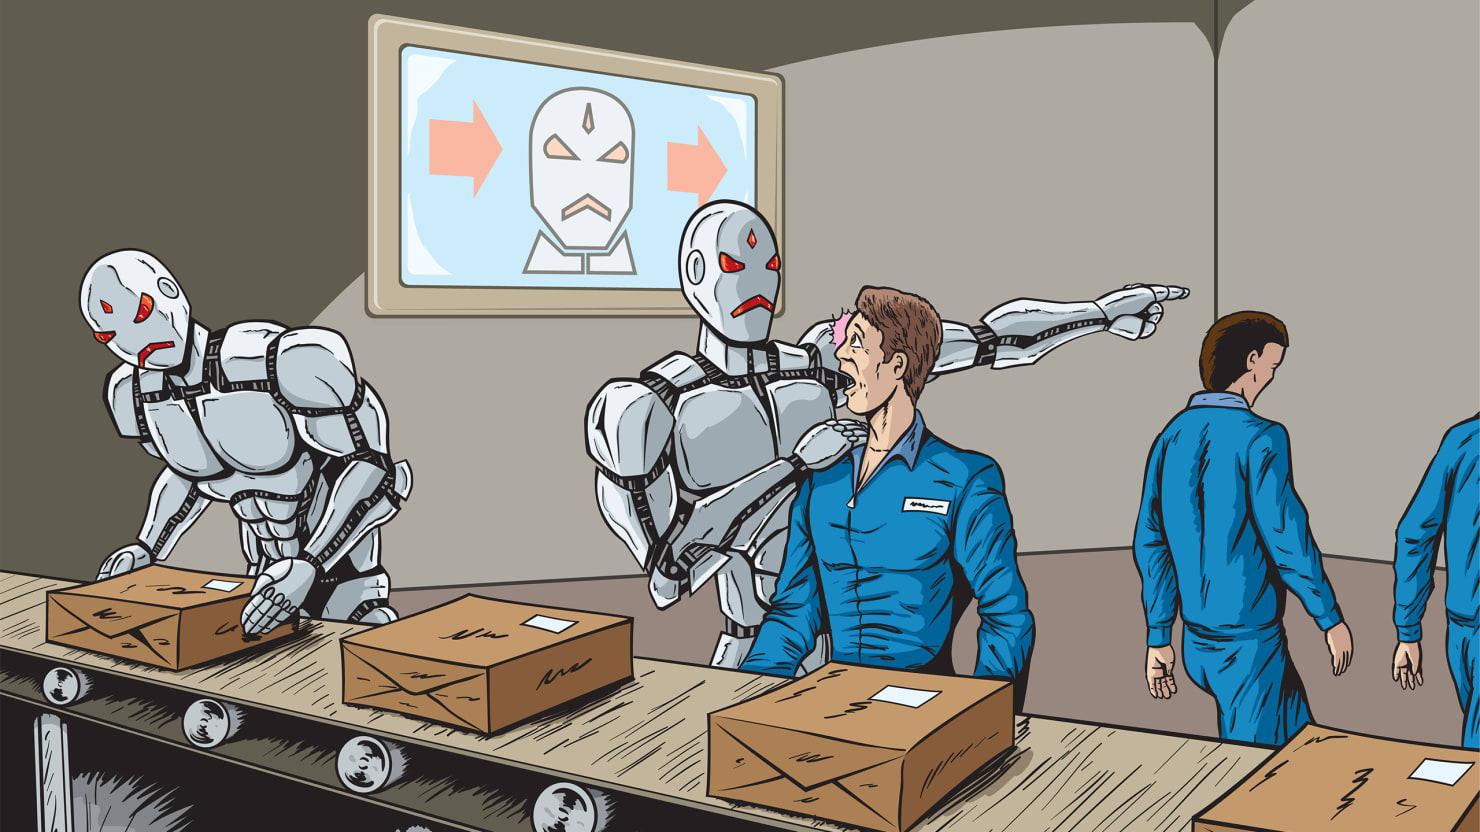 Исследование: Роботизация может привести к росту рабства в мире